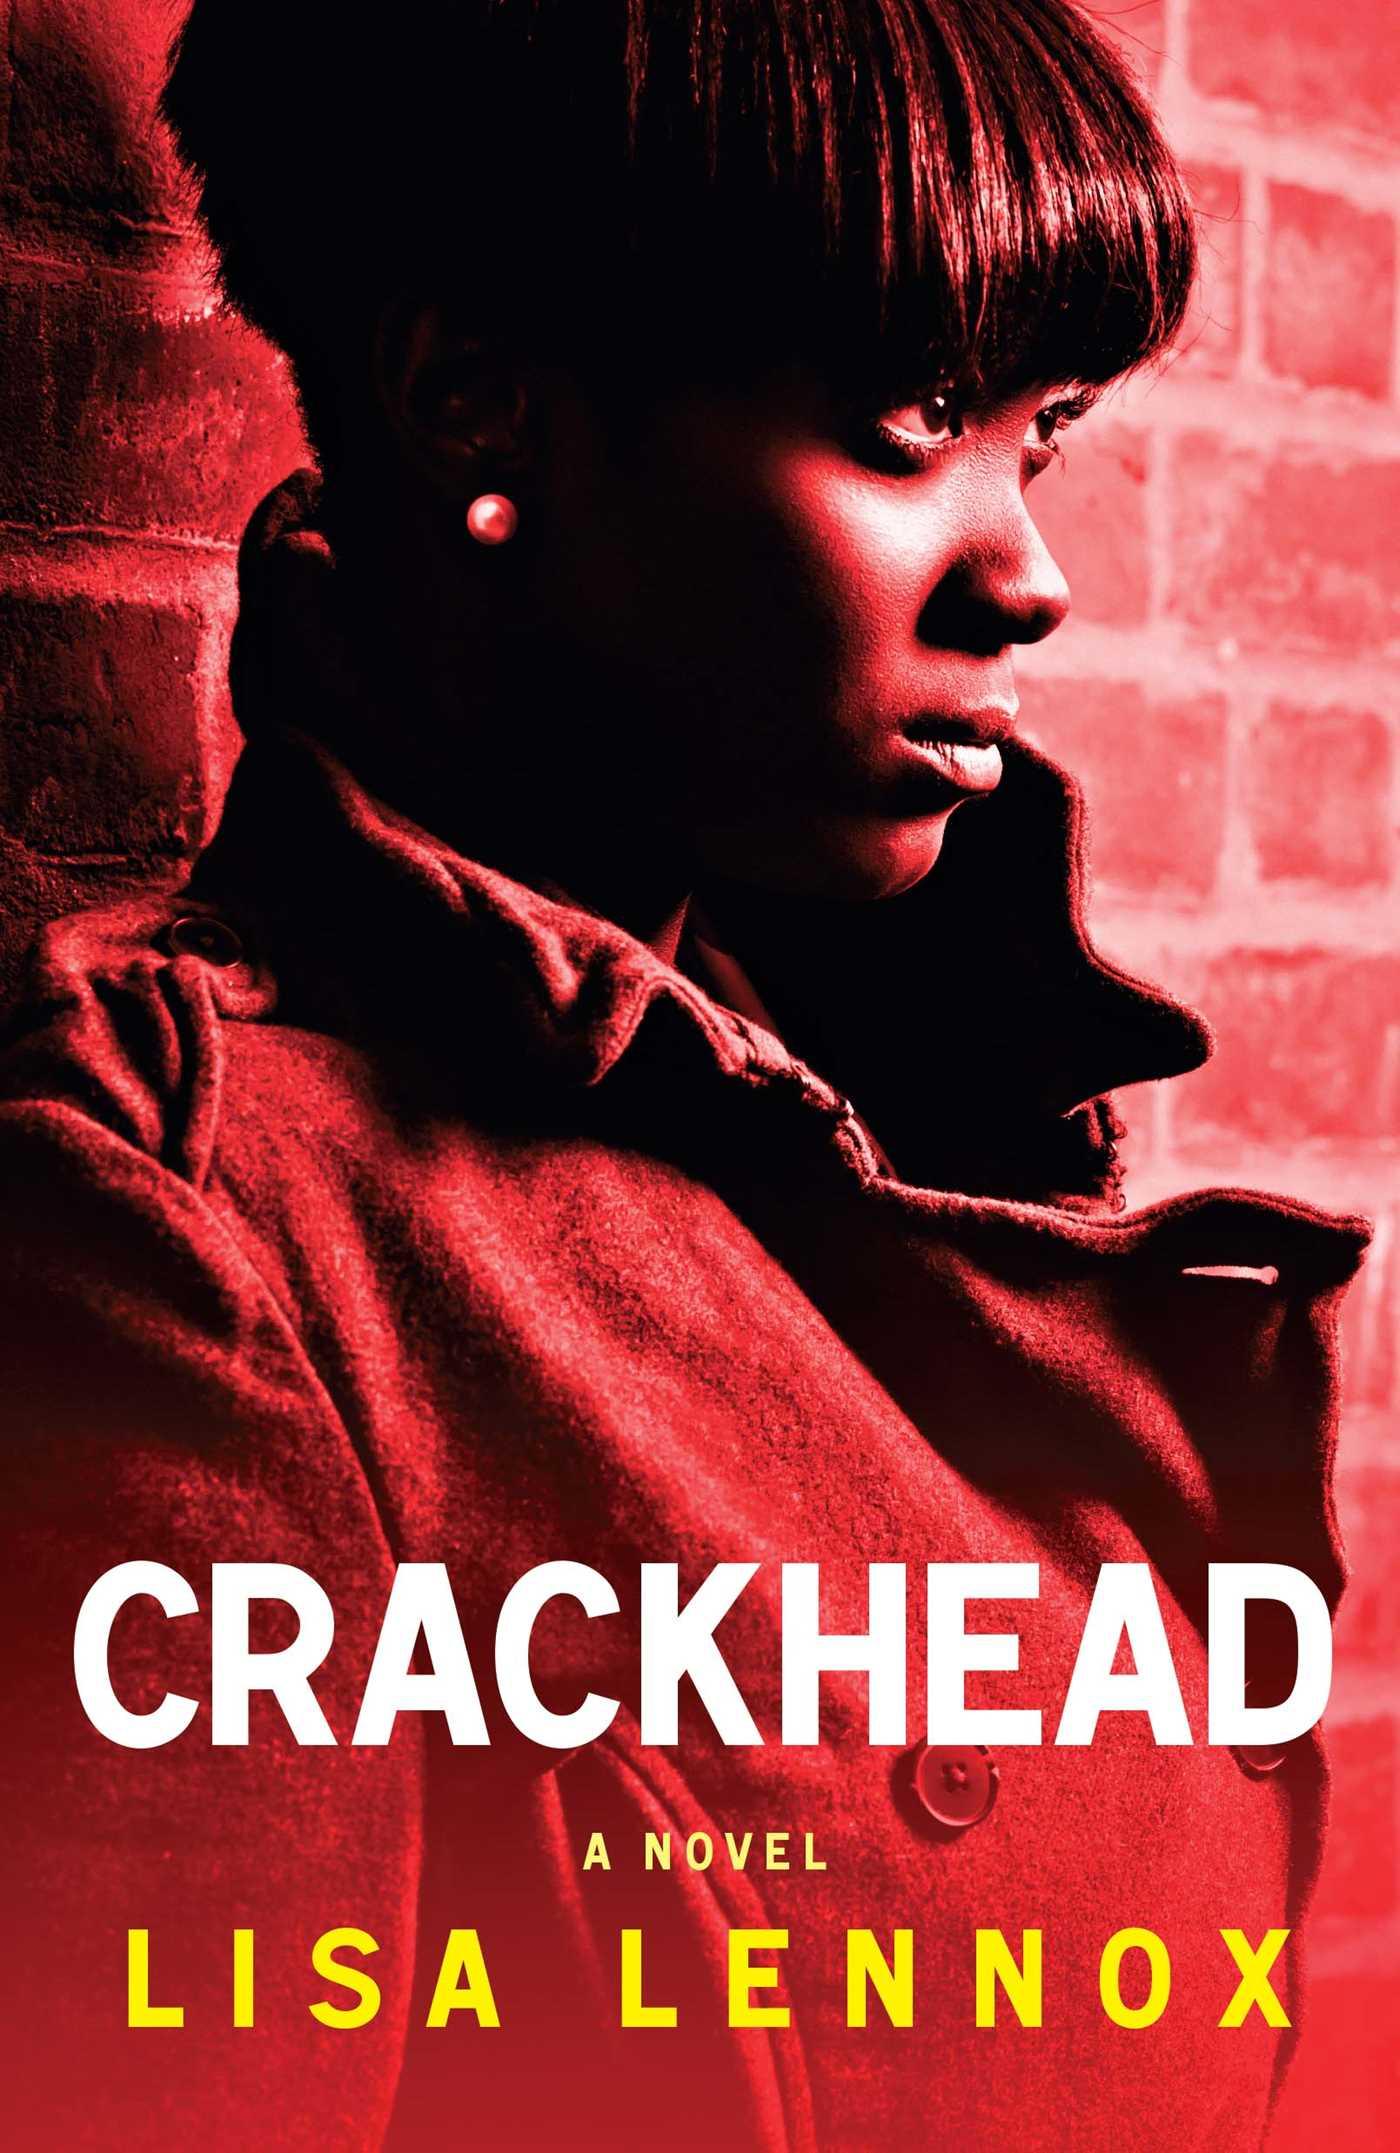 Crackhead 9781451661736 hr